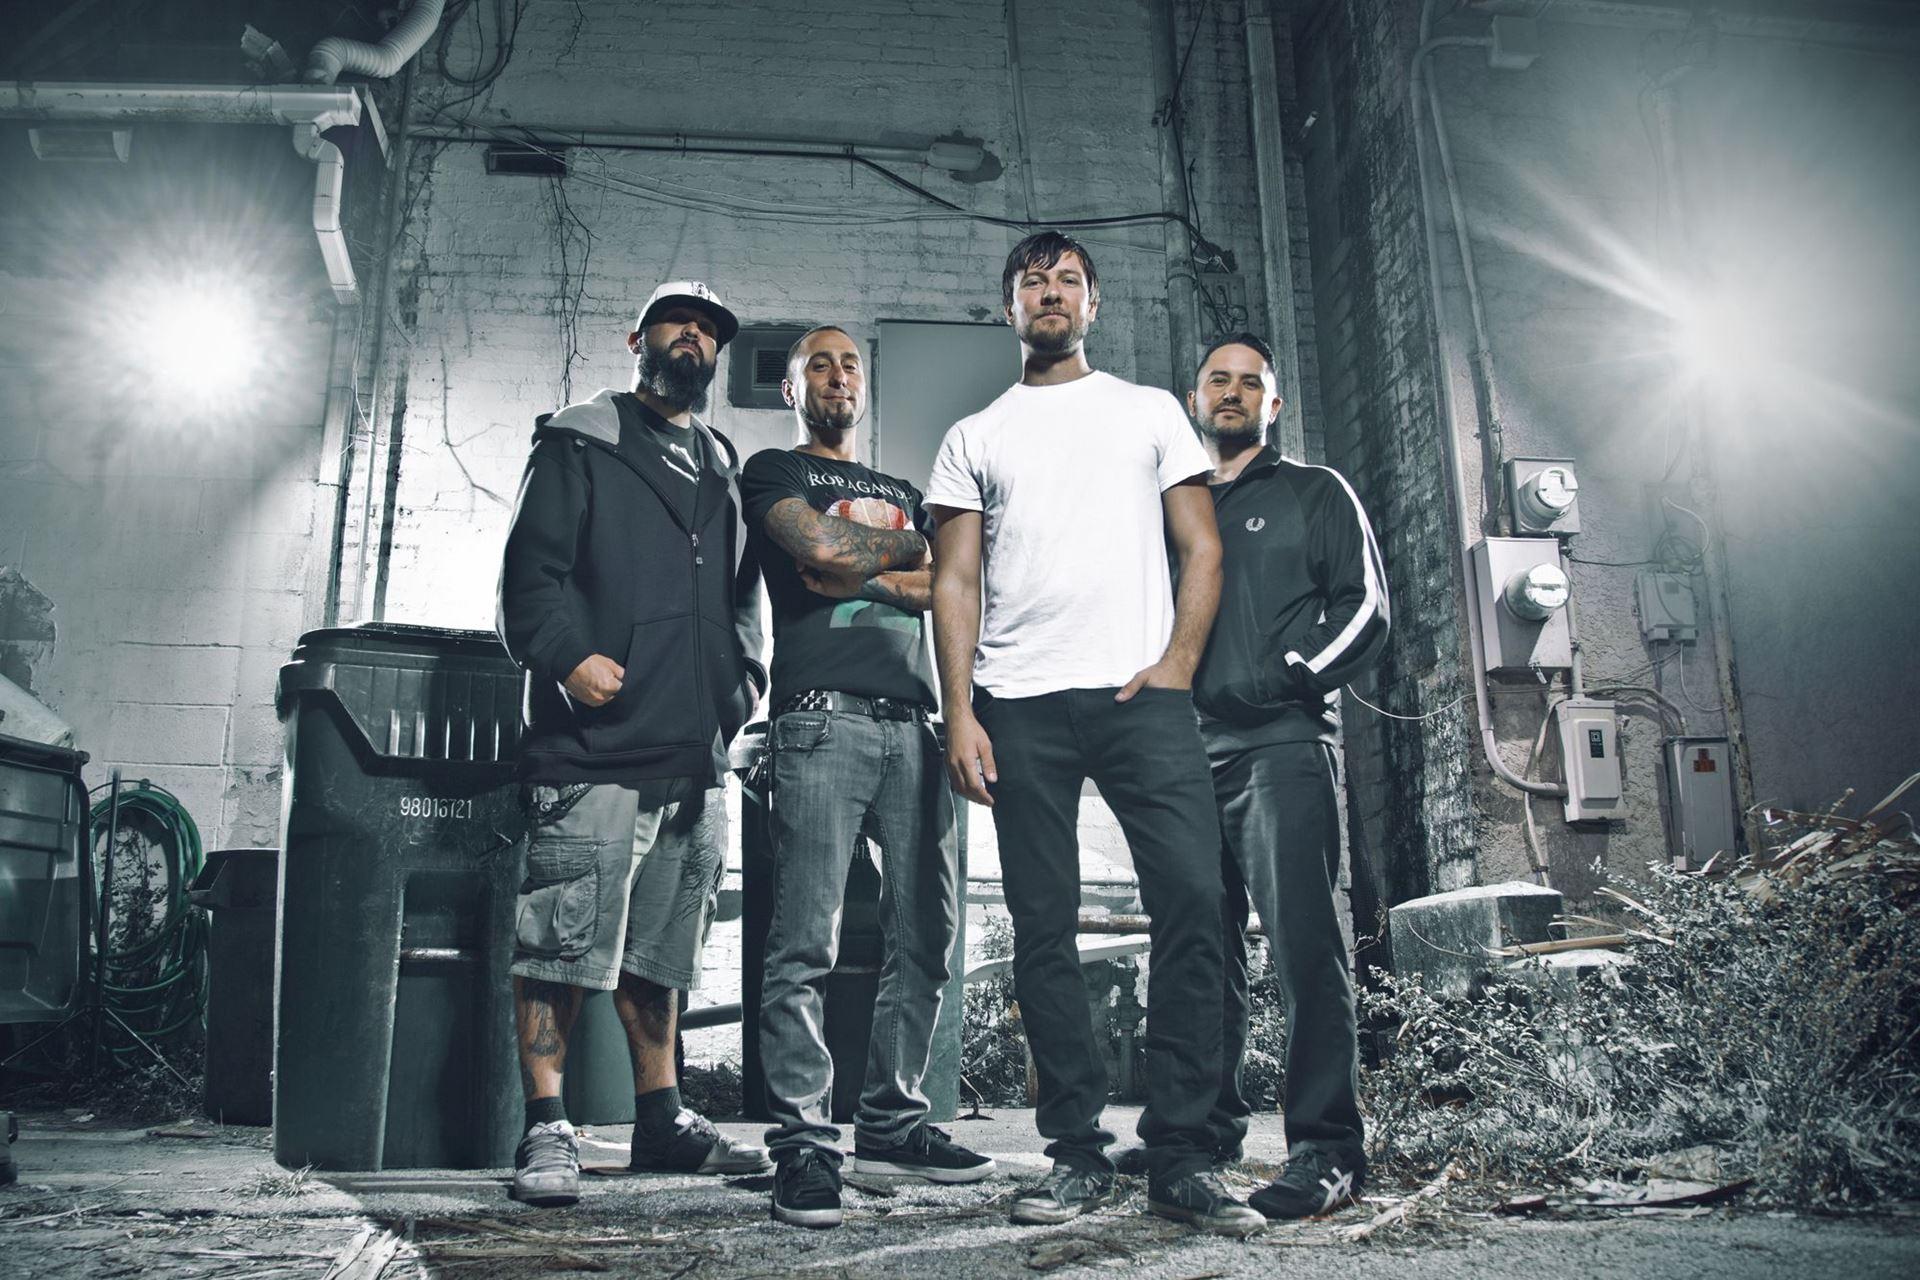 La banda de punk-rock Authority Zero. Photo credit: Kurt Hudson.